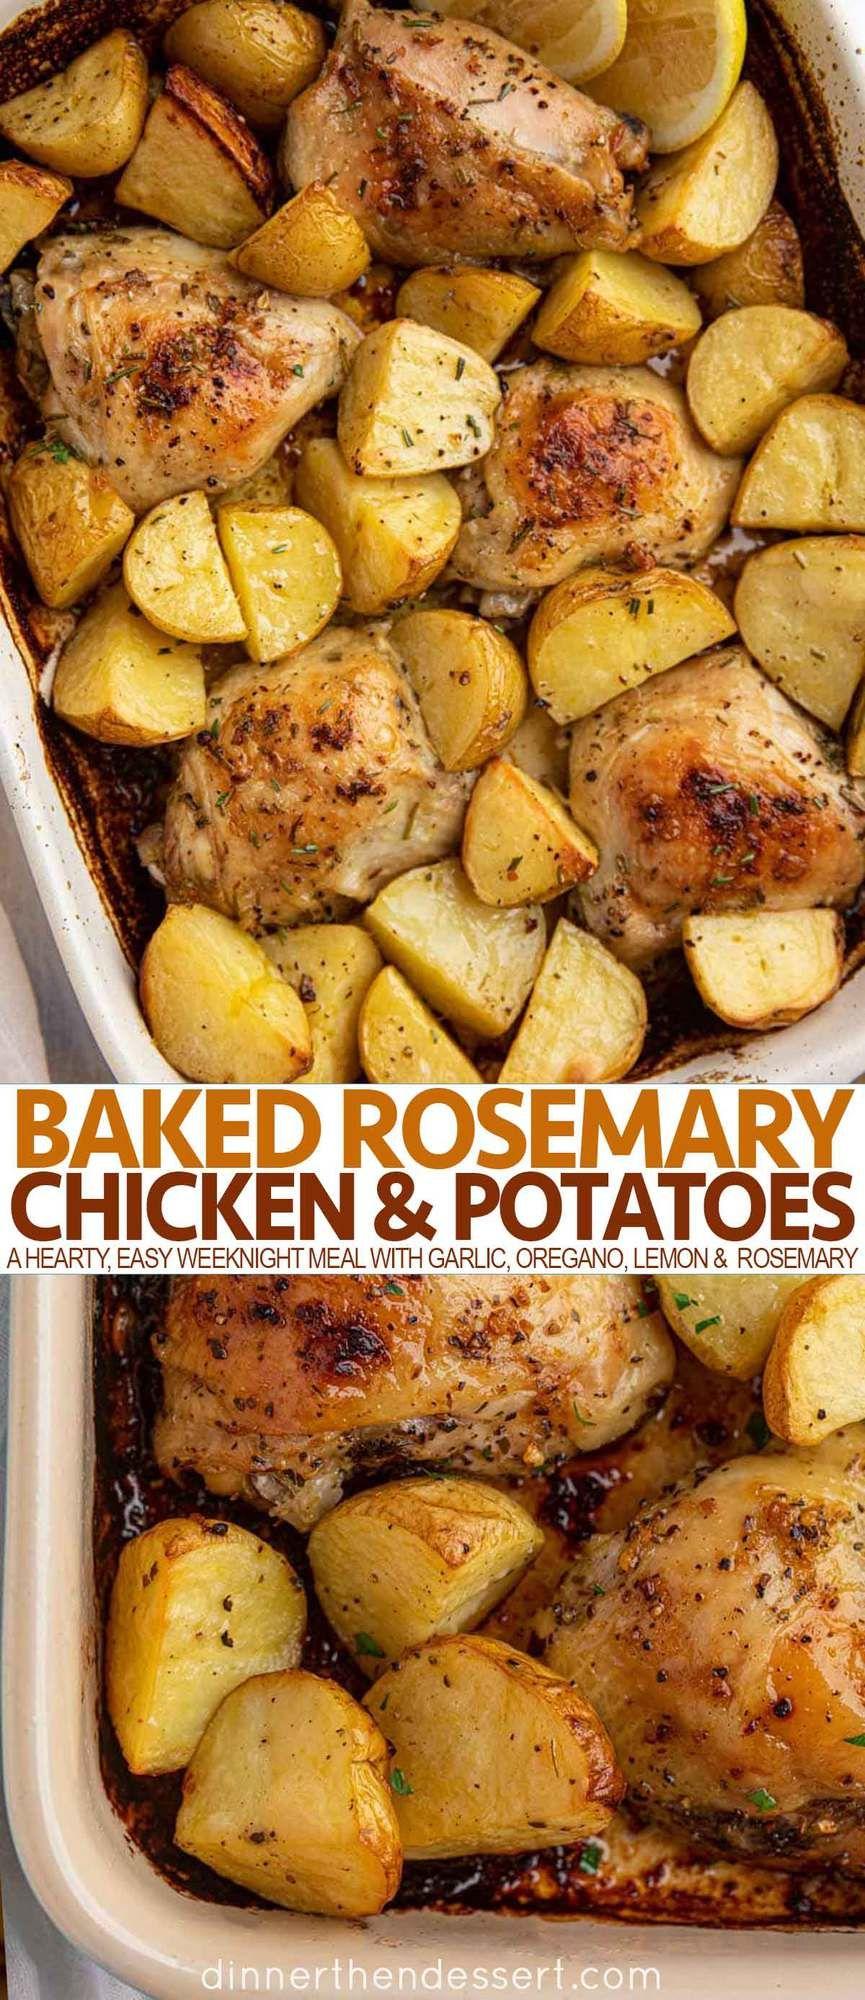 Baked Rosemary Chicken and Potatoes (Crispy & Easy) - Dinner, then Dessert